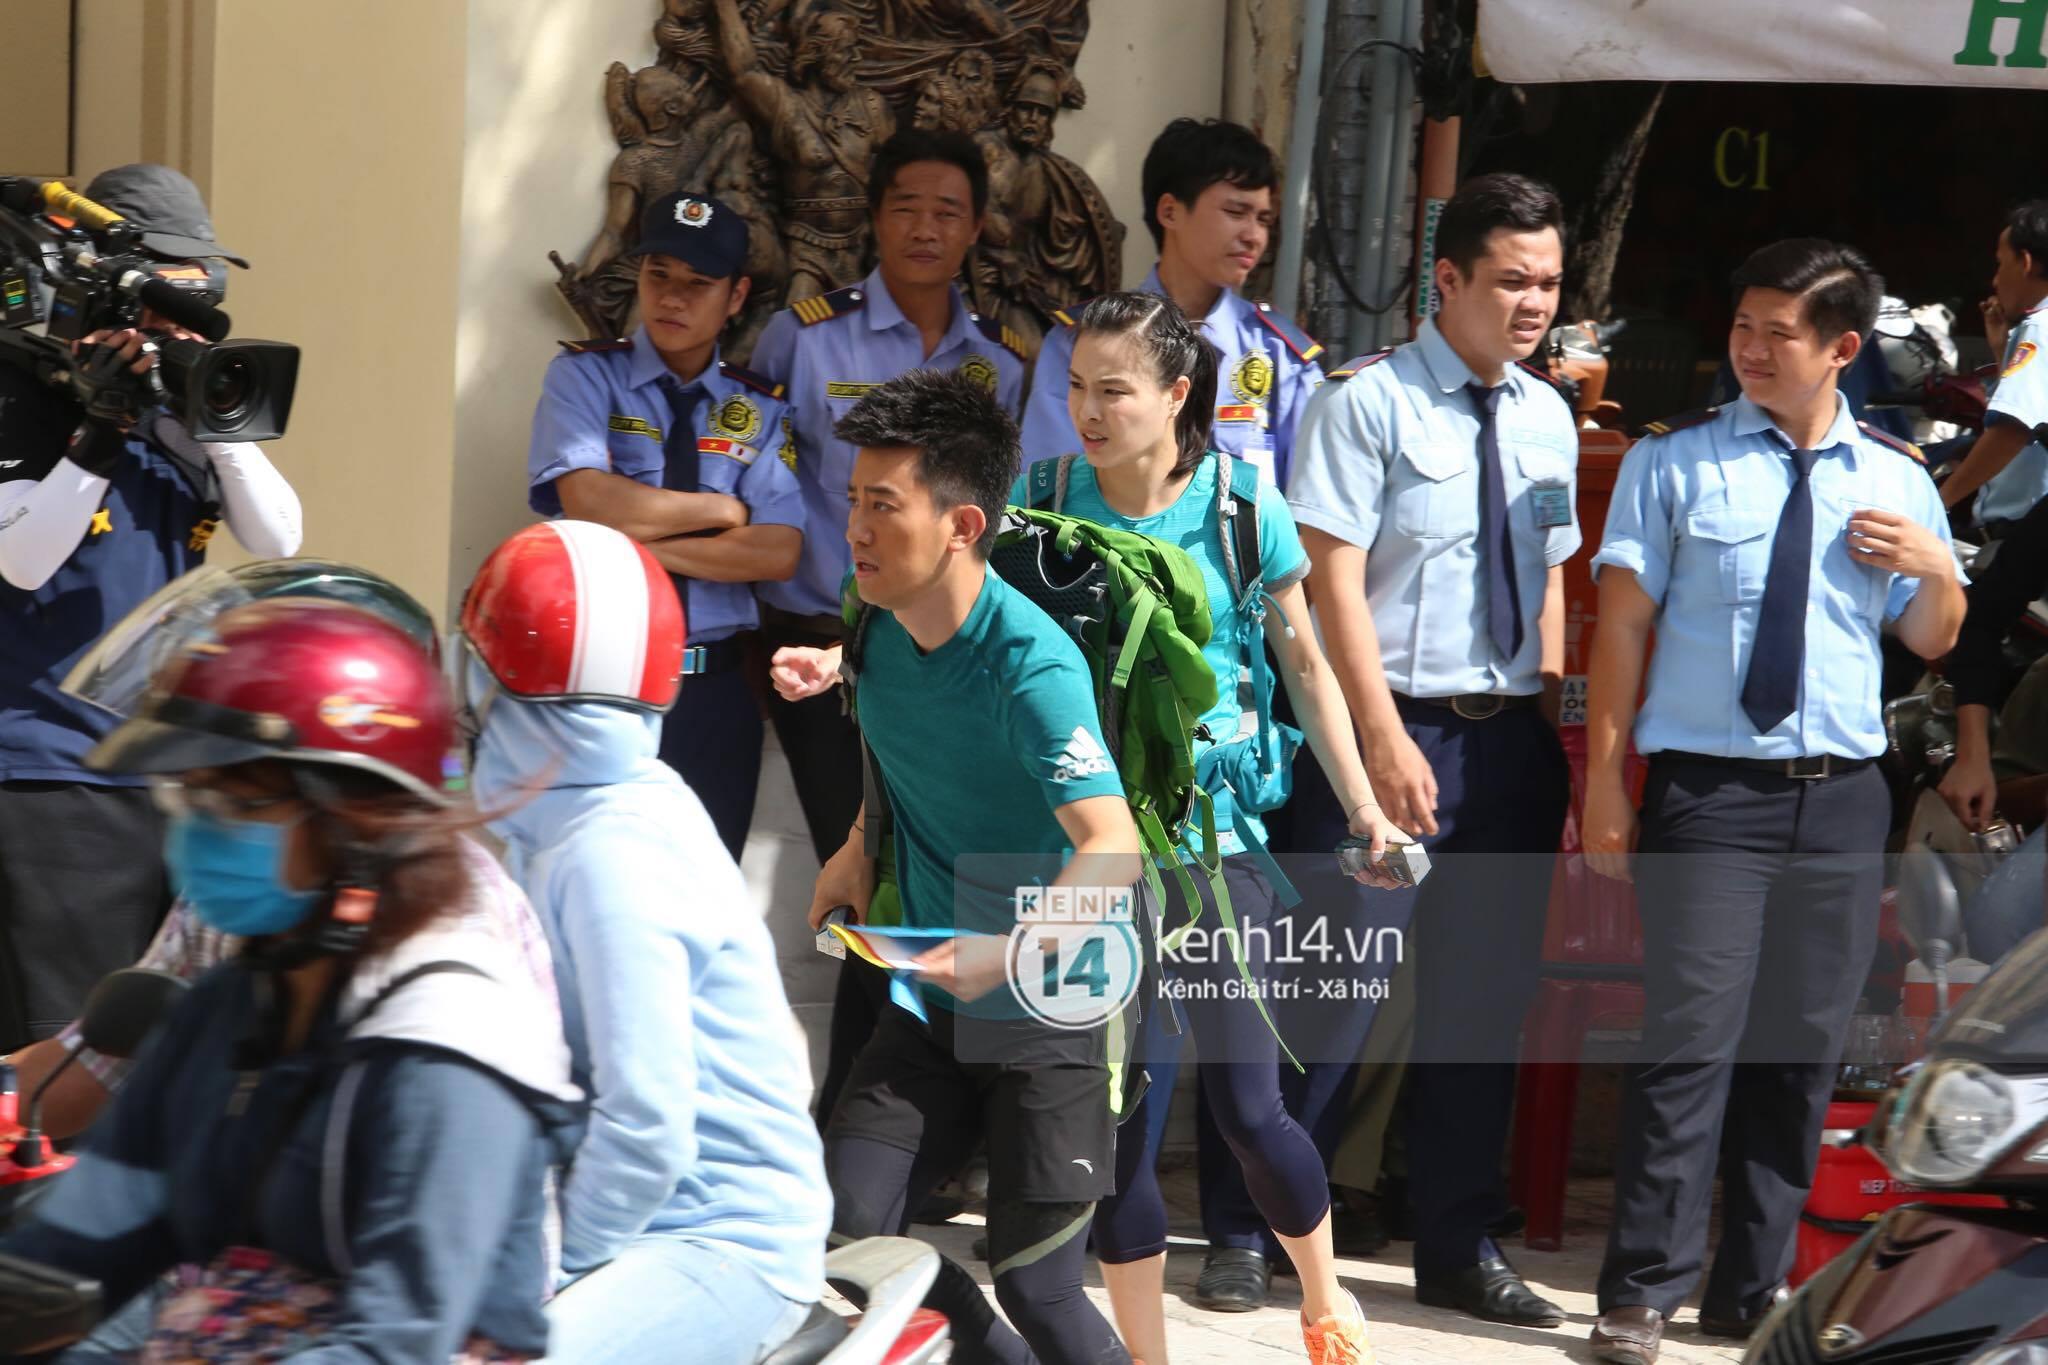 Amazing Race Trung Quốc tại Việt Nam: Vương Lệ Khôn - Trịnh Nguyên Sướng mặc áo dài, kiệt sức dưới trời nắng - Ảnh 38.